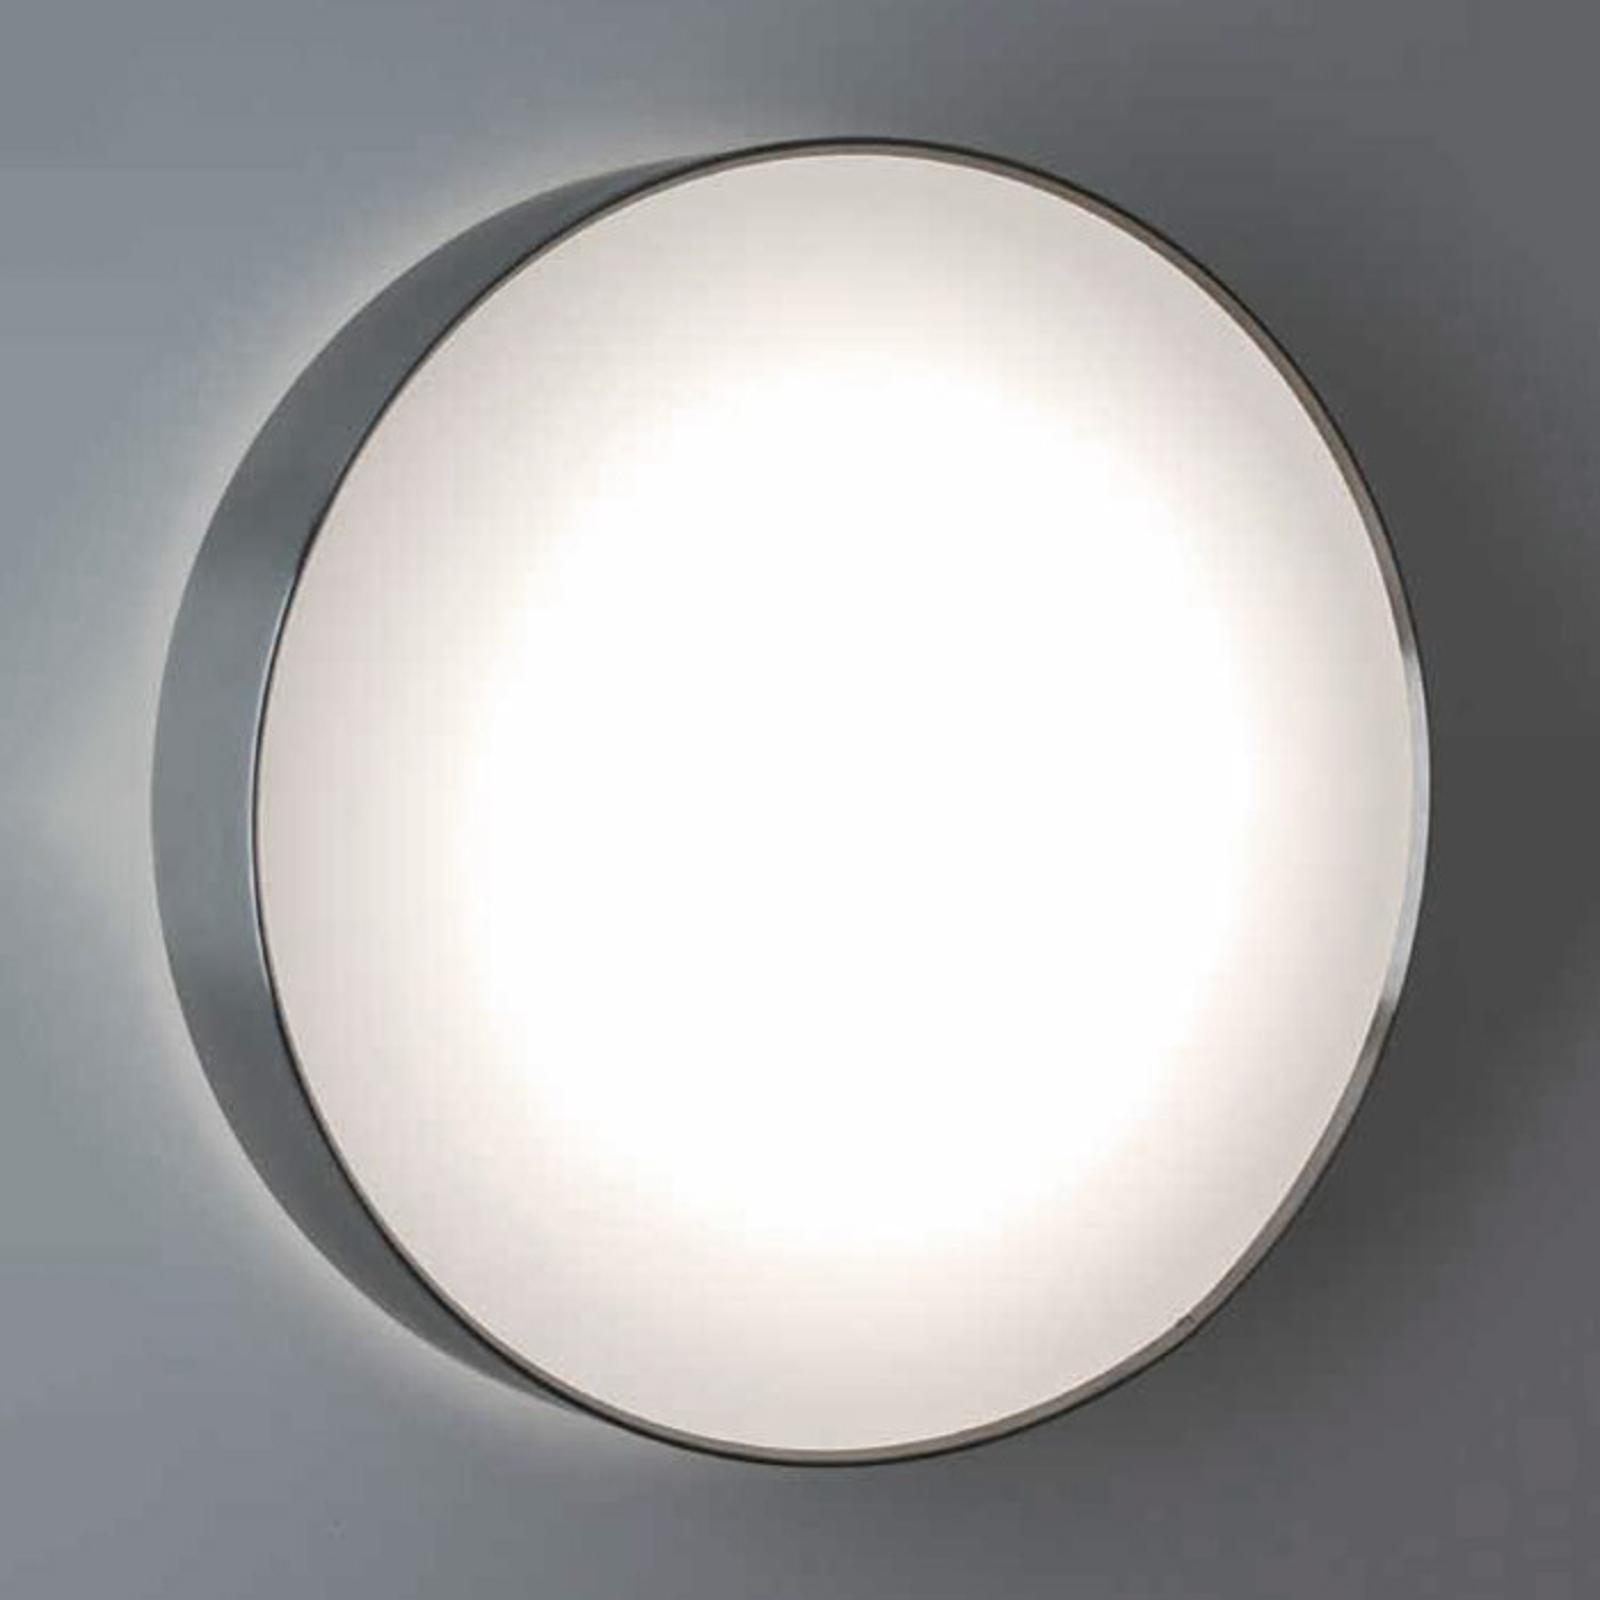 Lampa ścienna ze stali szlachetnej SUN 4 LED 8W 4K